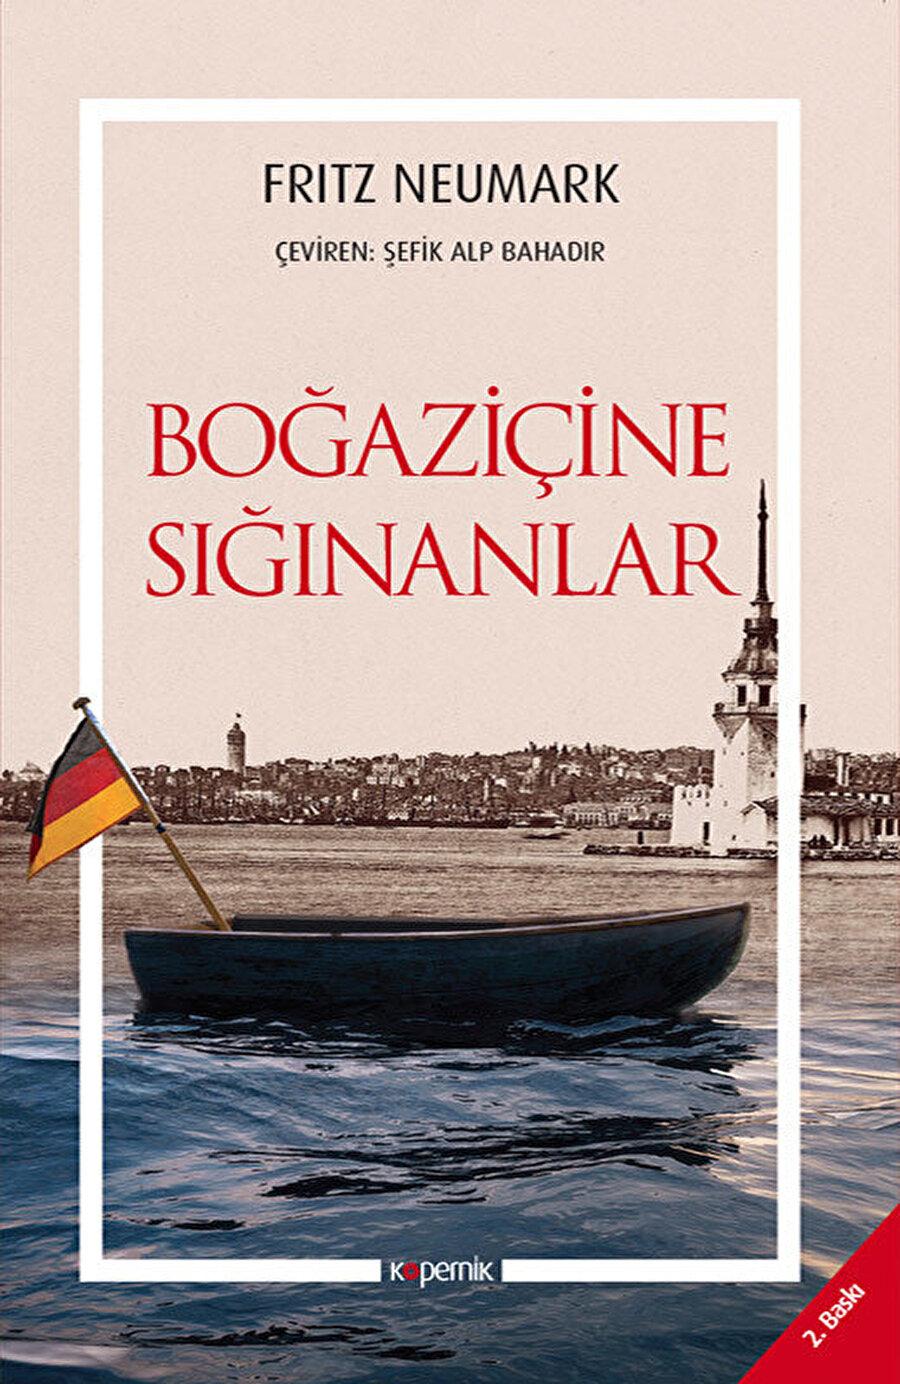 Boğaziçine Sığınanlar Hitler Almanya'sından kaçıp Türkiye'ye sığınan ve Türkiye'nin inşasına katkı sağlayan bilim adamı, sanatçı ve politikacıların ilginç ve ibretlik anıları anlatıyor.